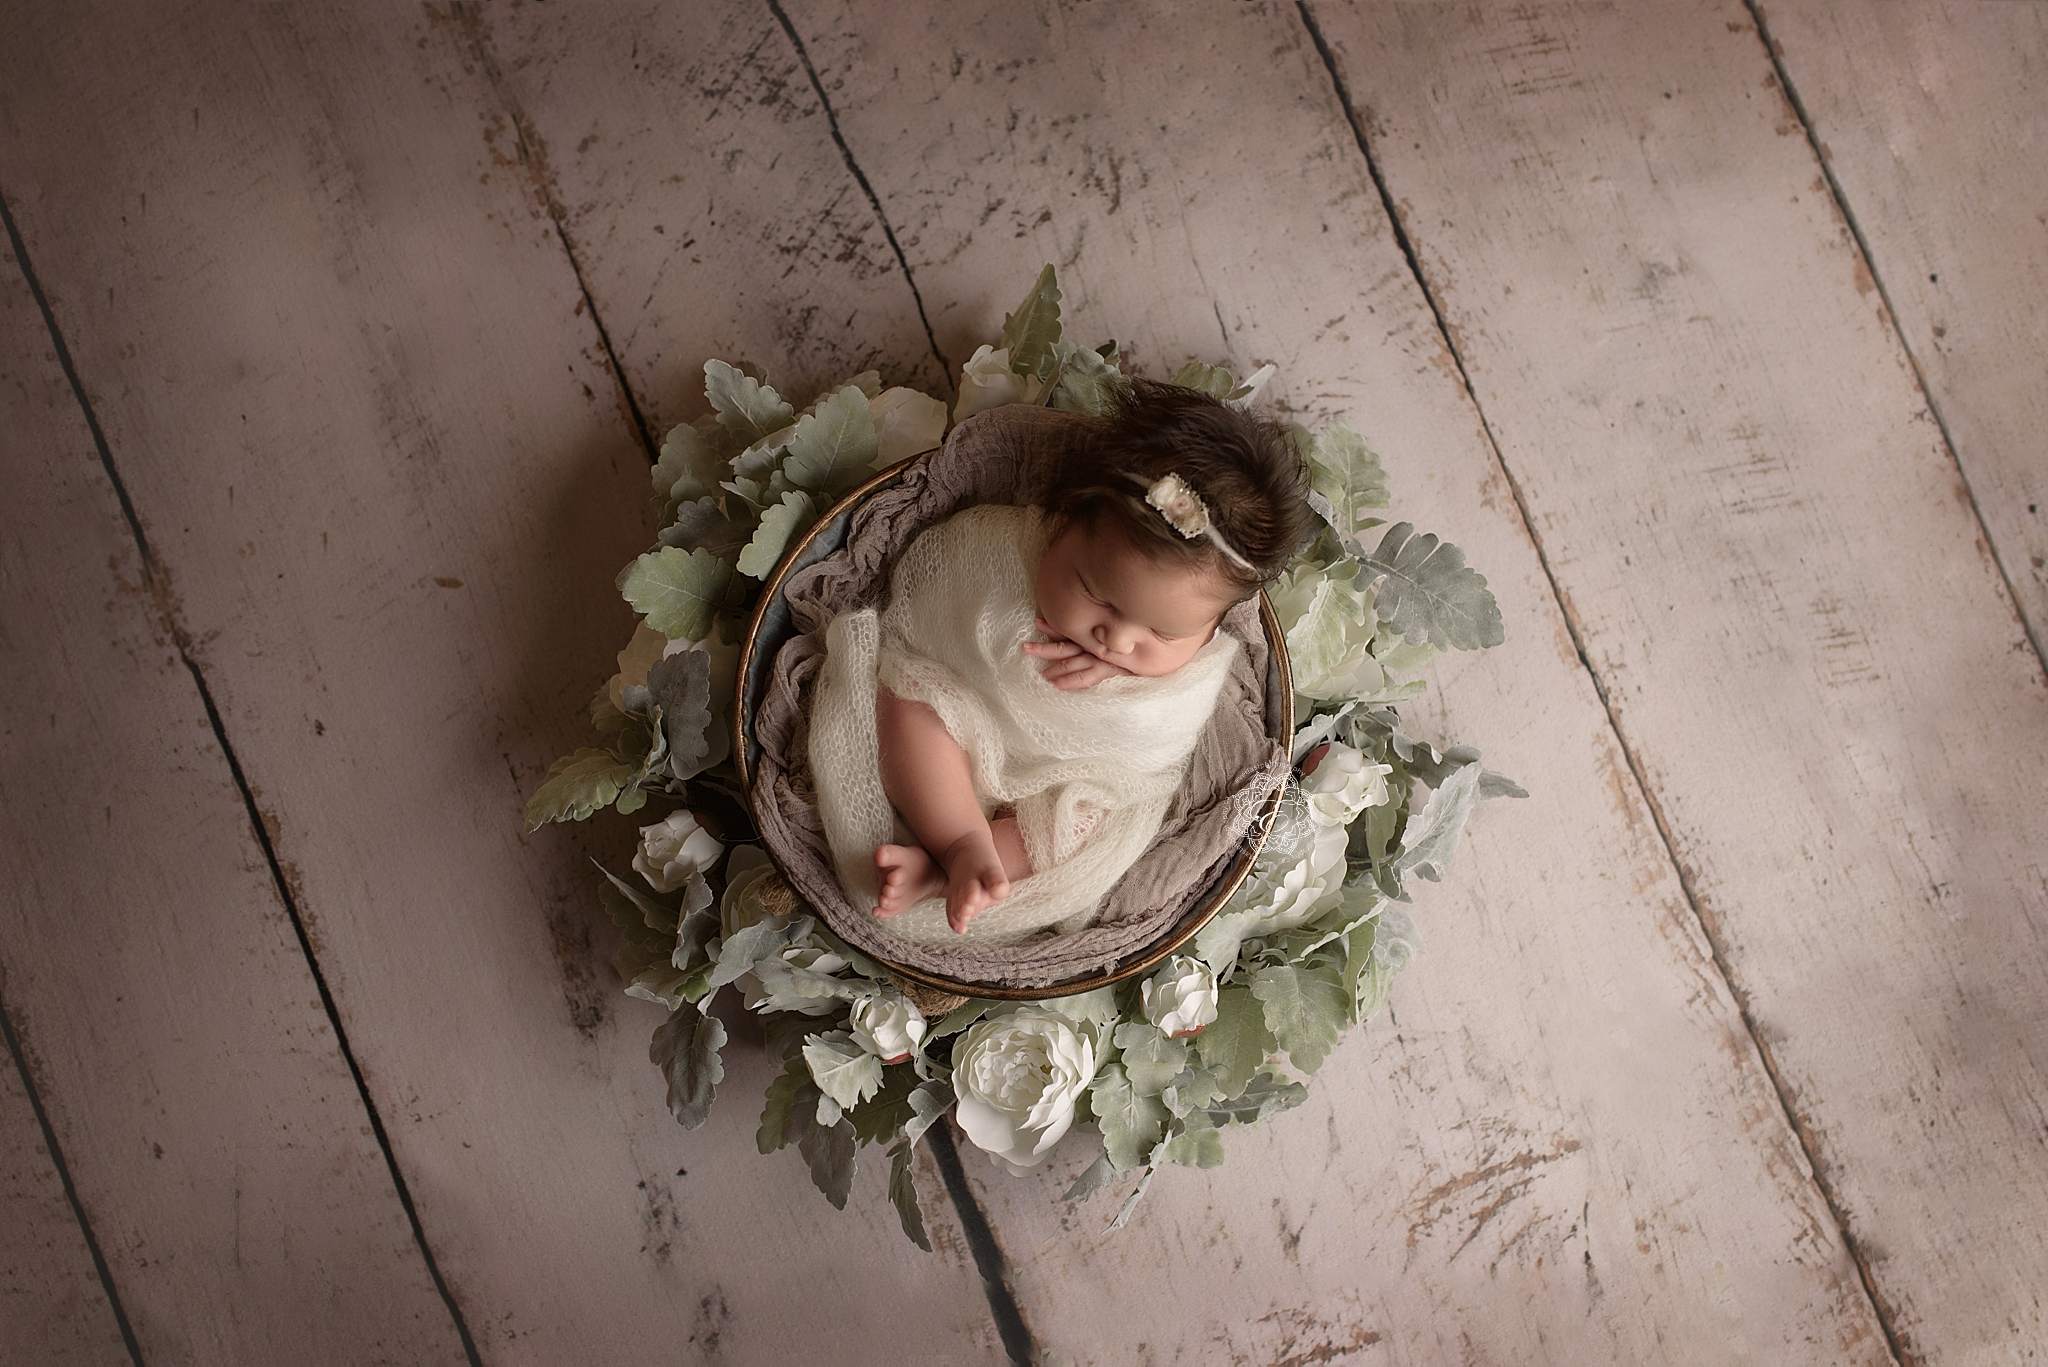 edmonton-newborn-baby-photographer.jpg